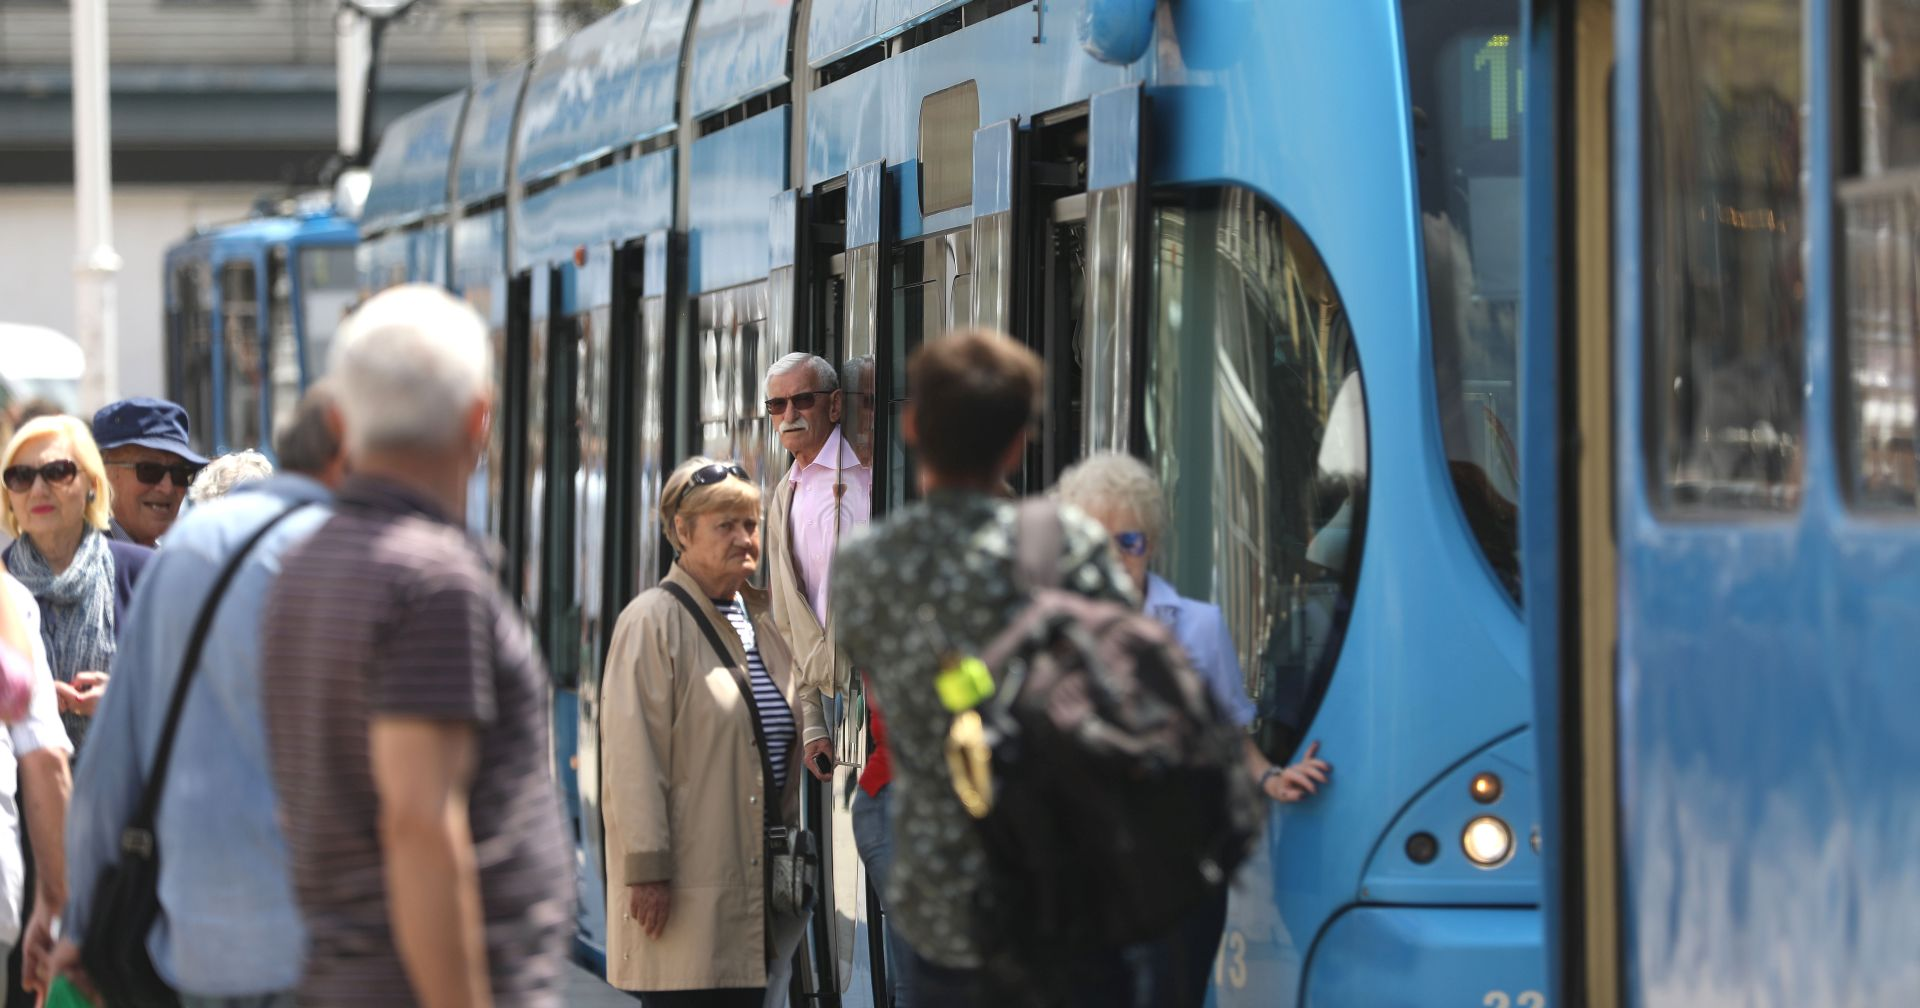 U Zagrebu prosvjedno kratko zaustavljen javni gradski prijevoz